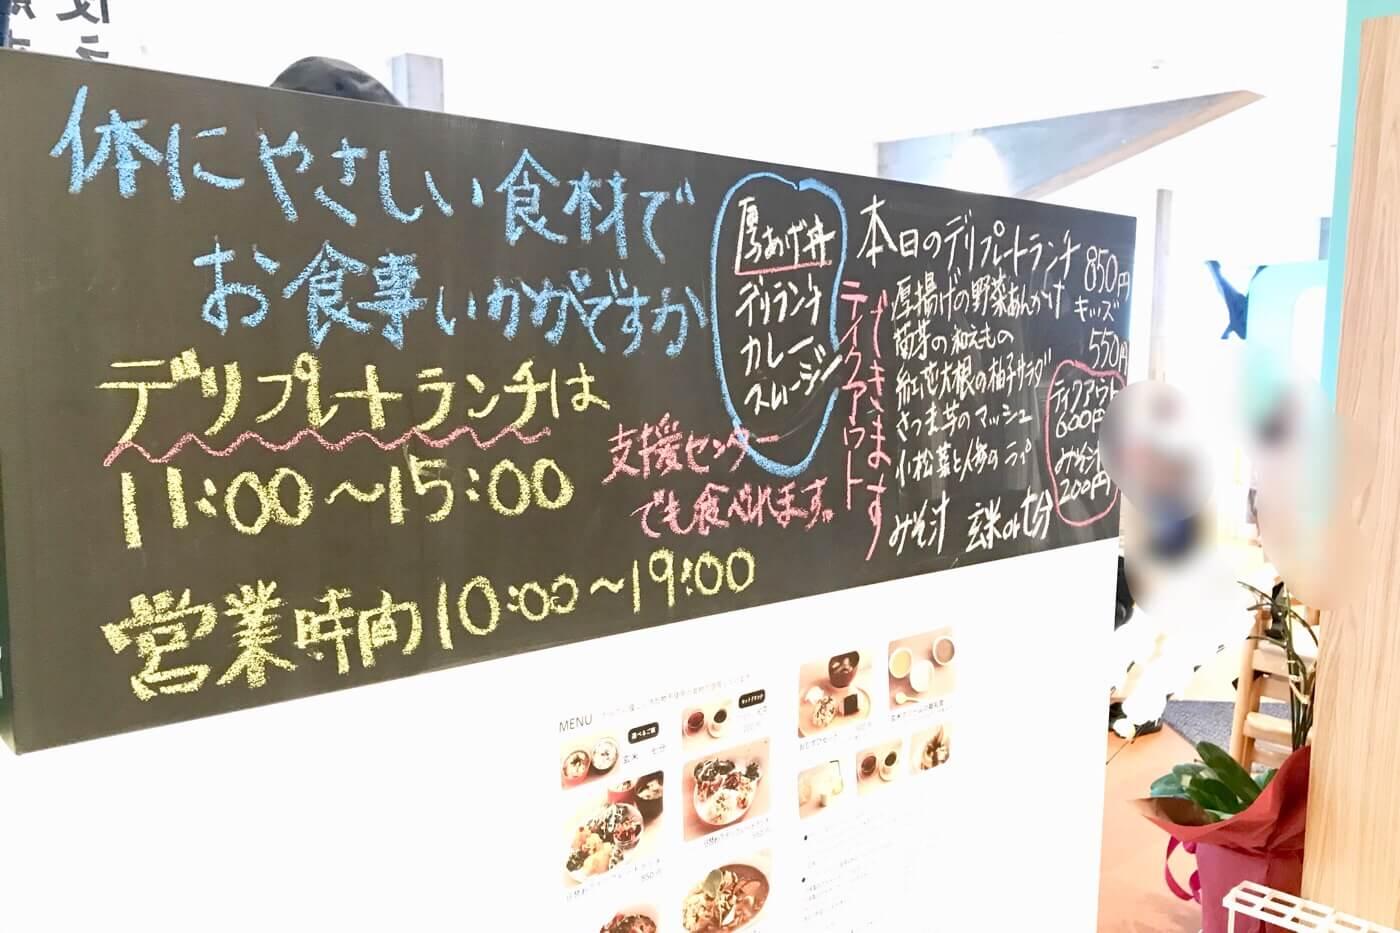 高知蔦屋書店 オーガニックスタイルキッチン